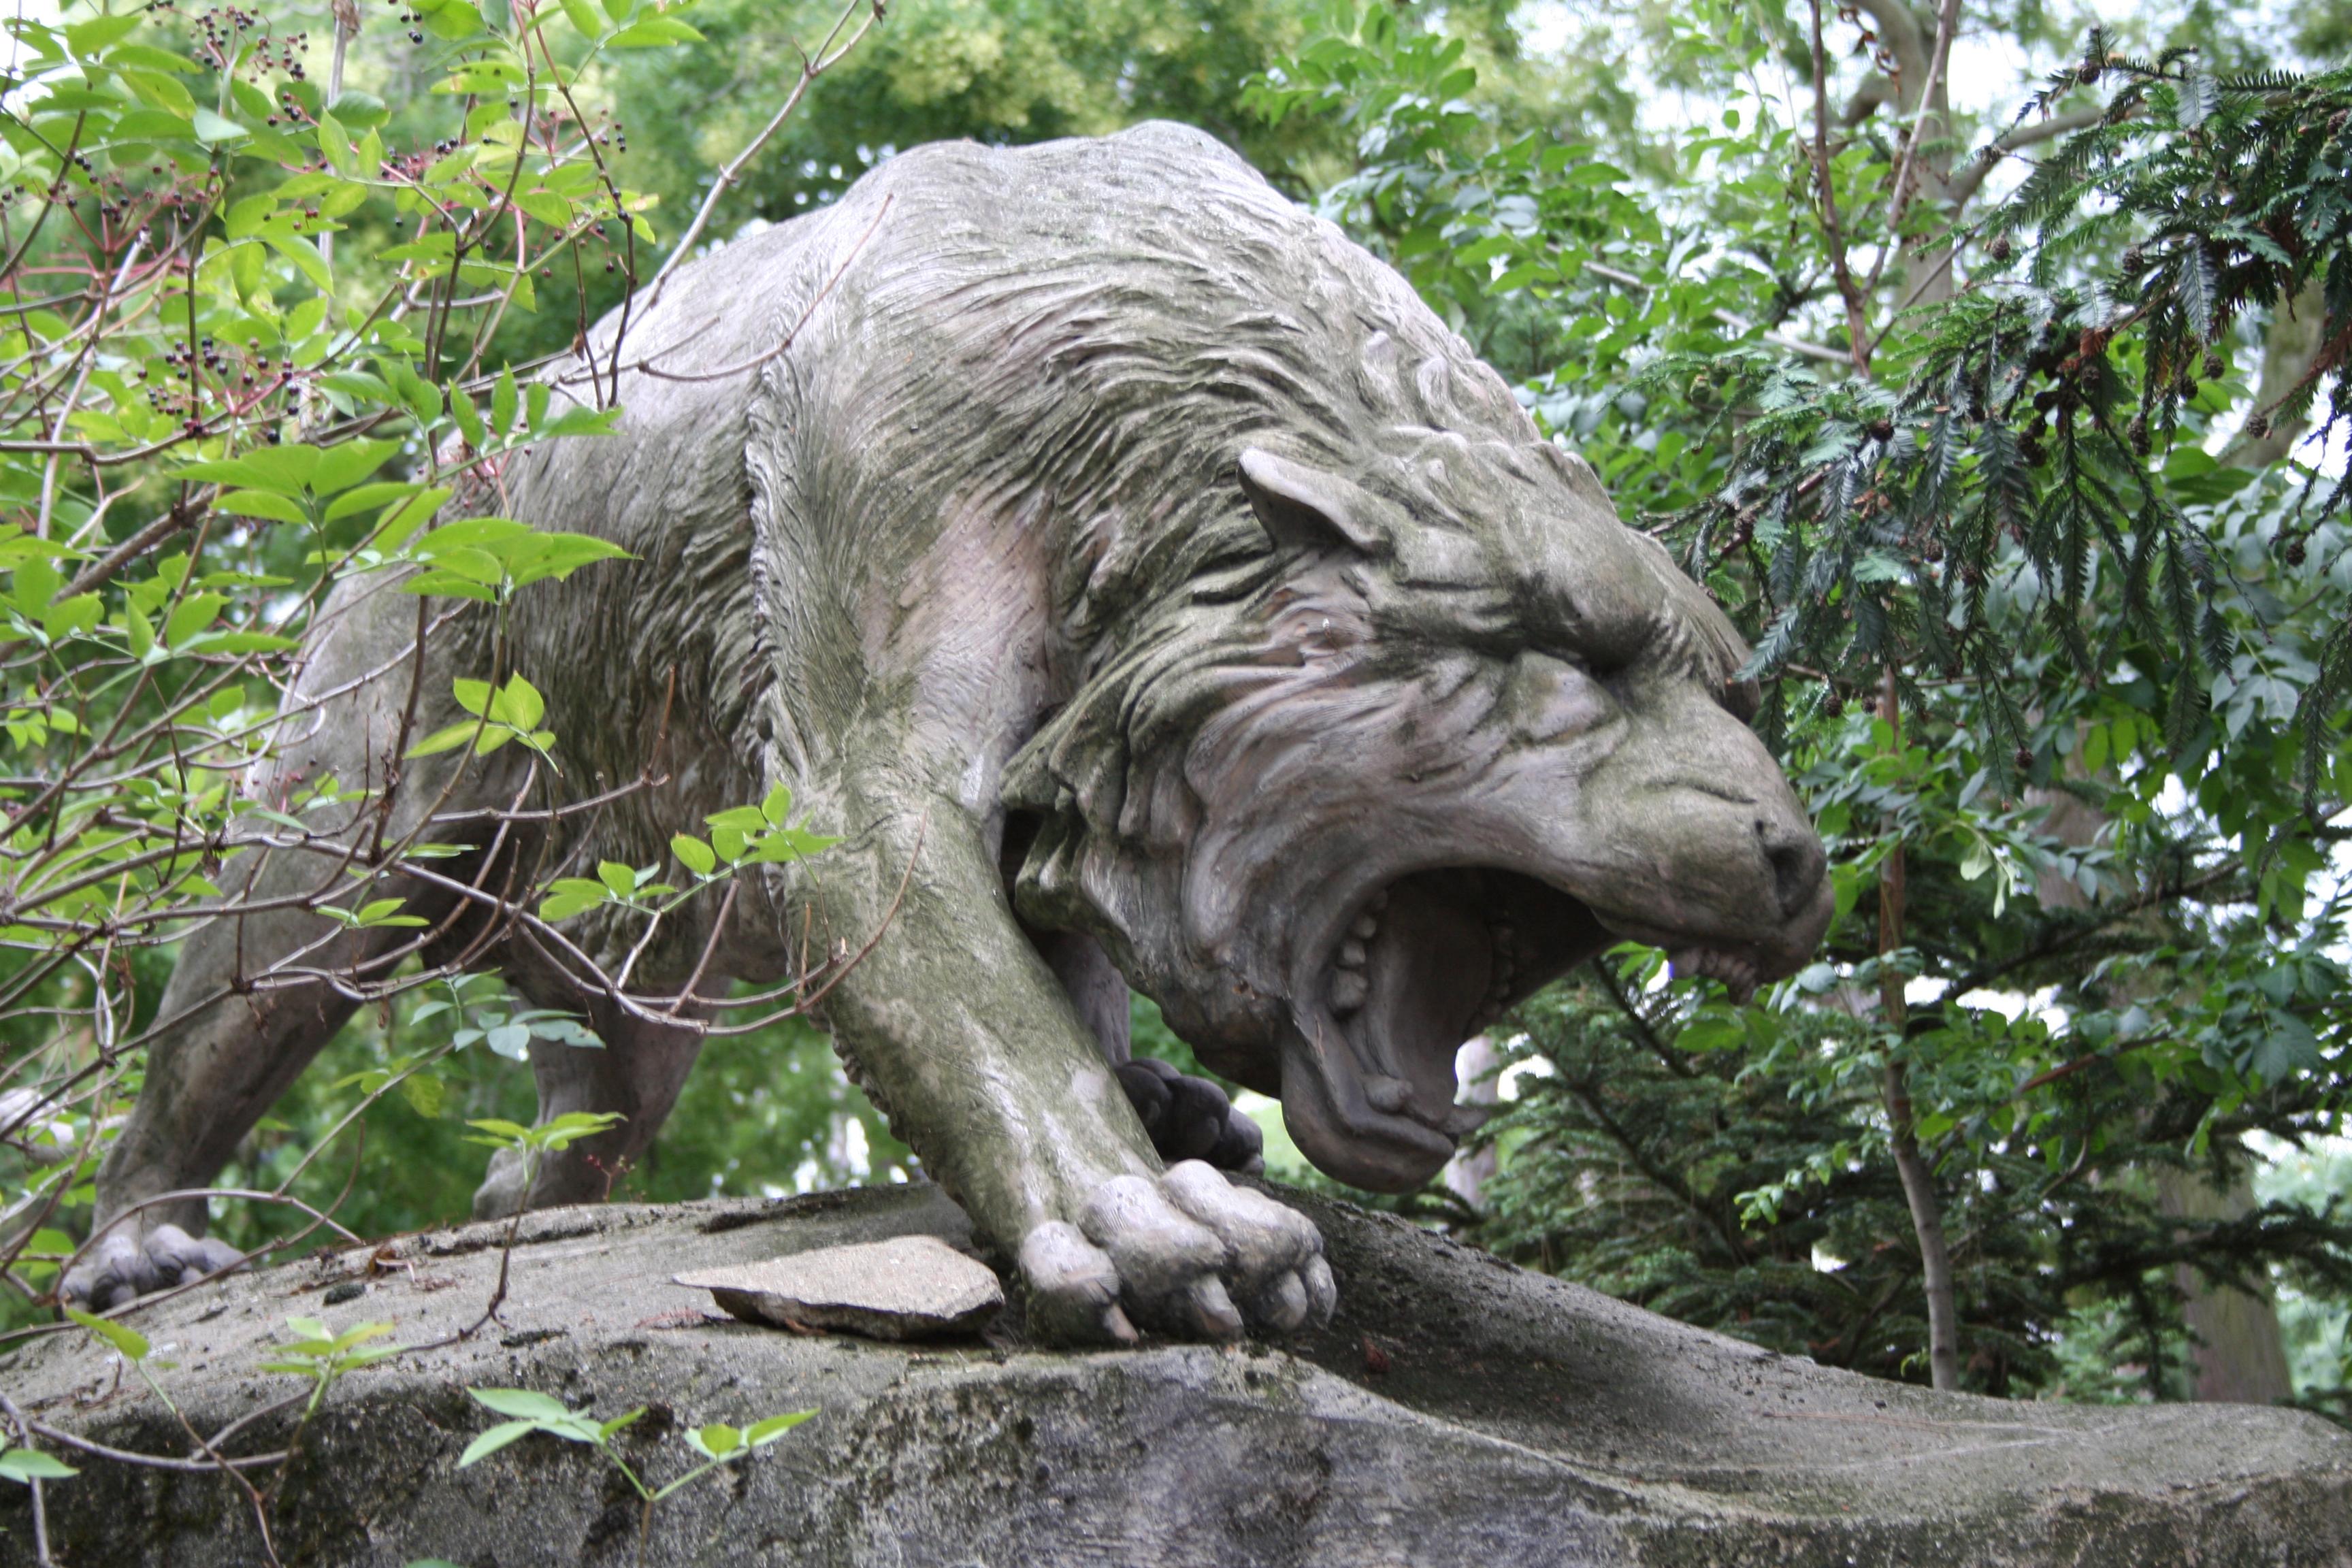 Loup menaçant à Vincennes